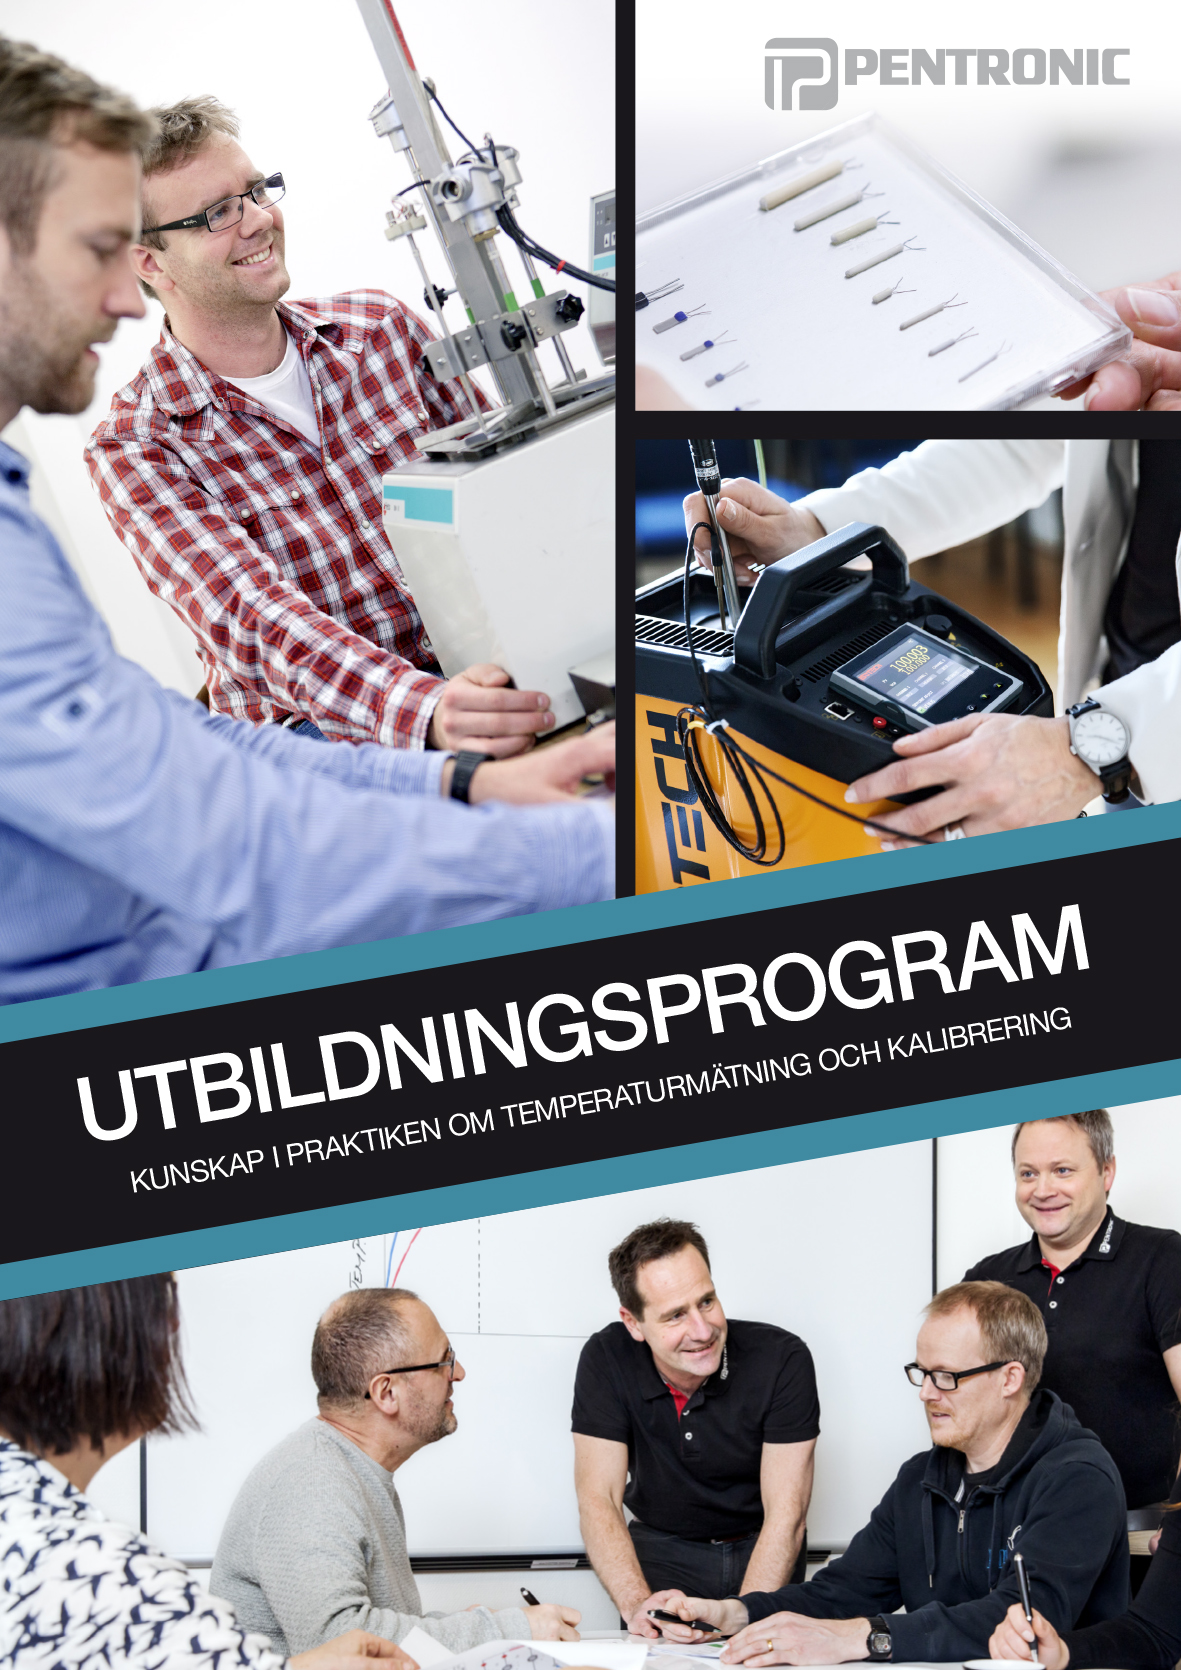 Bild på broschyr för Pentronics Utbildningsprogram